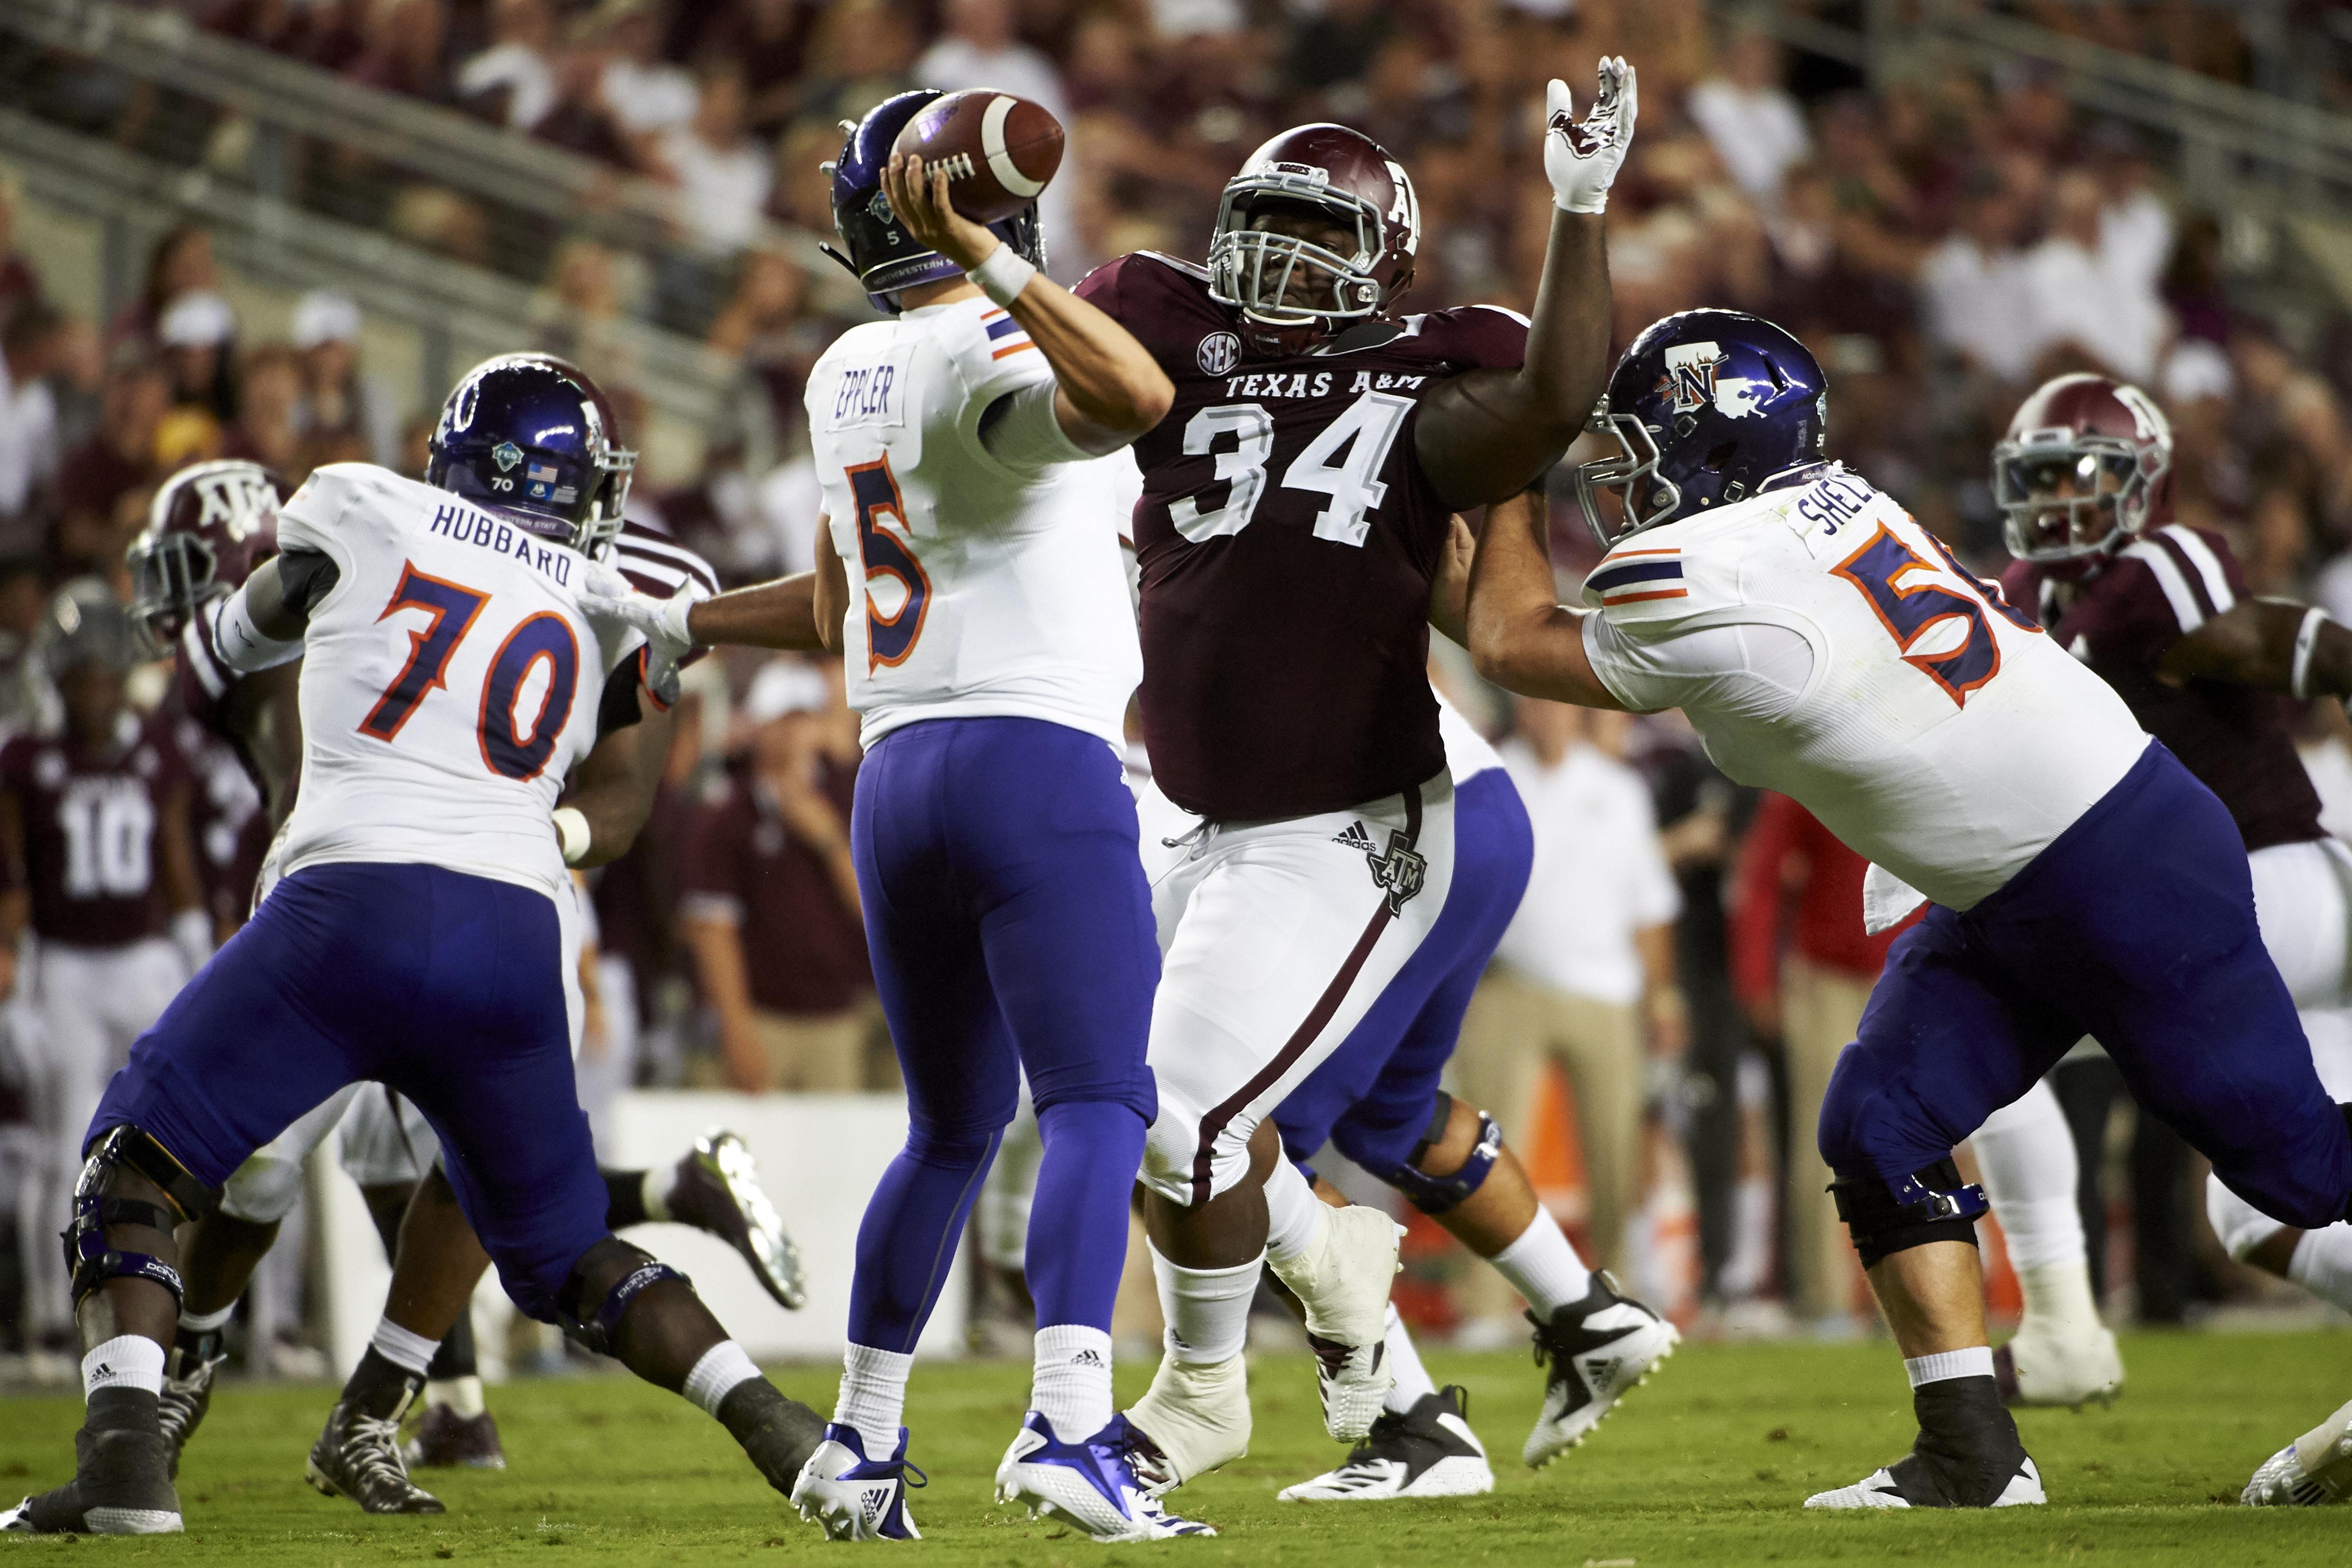 Northwestern v Texas A&M